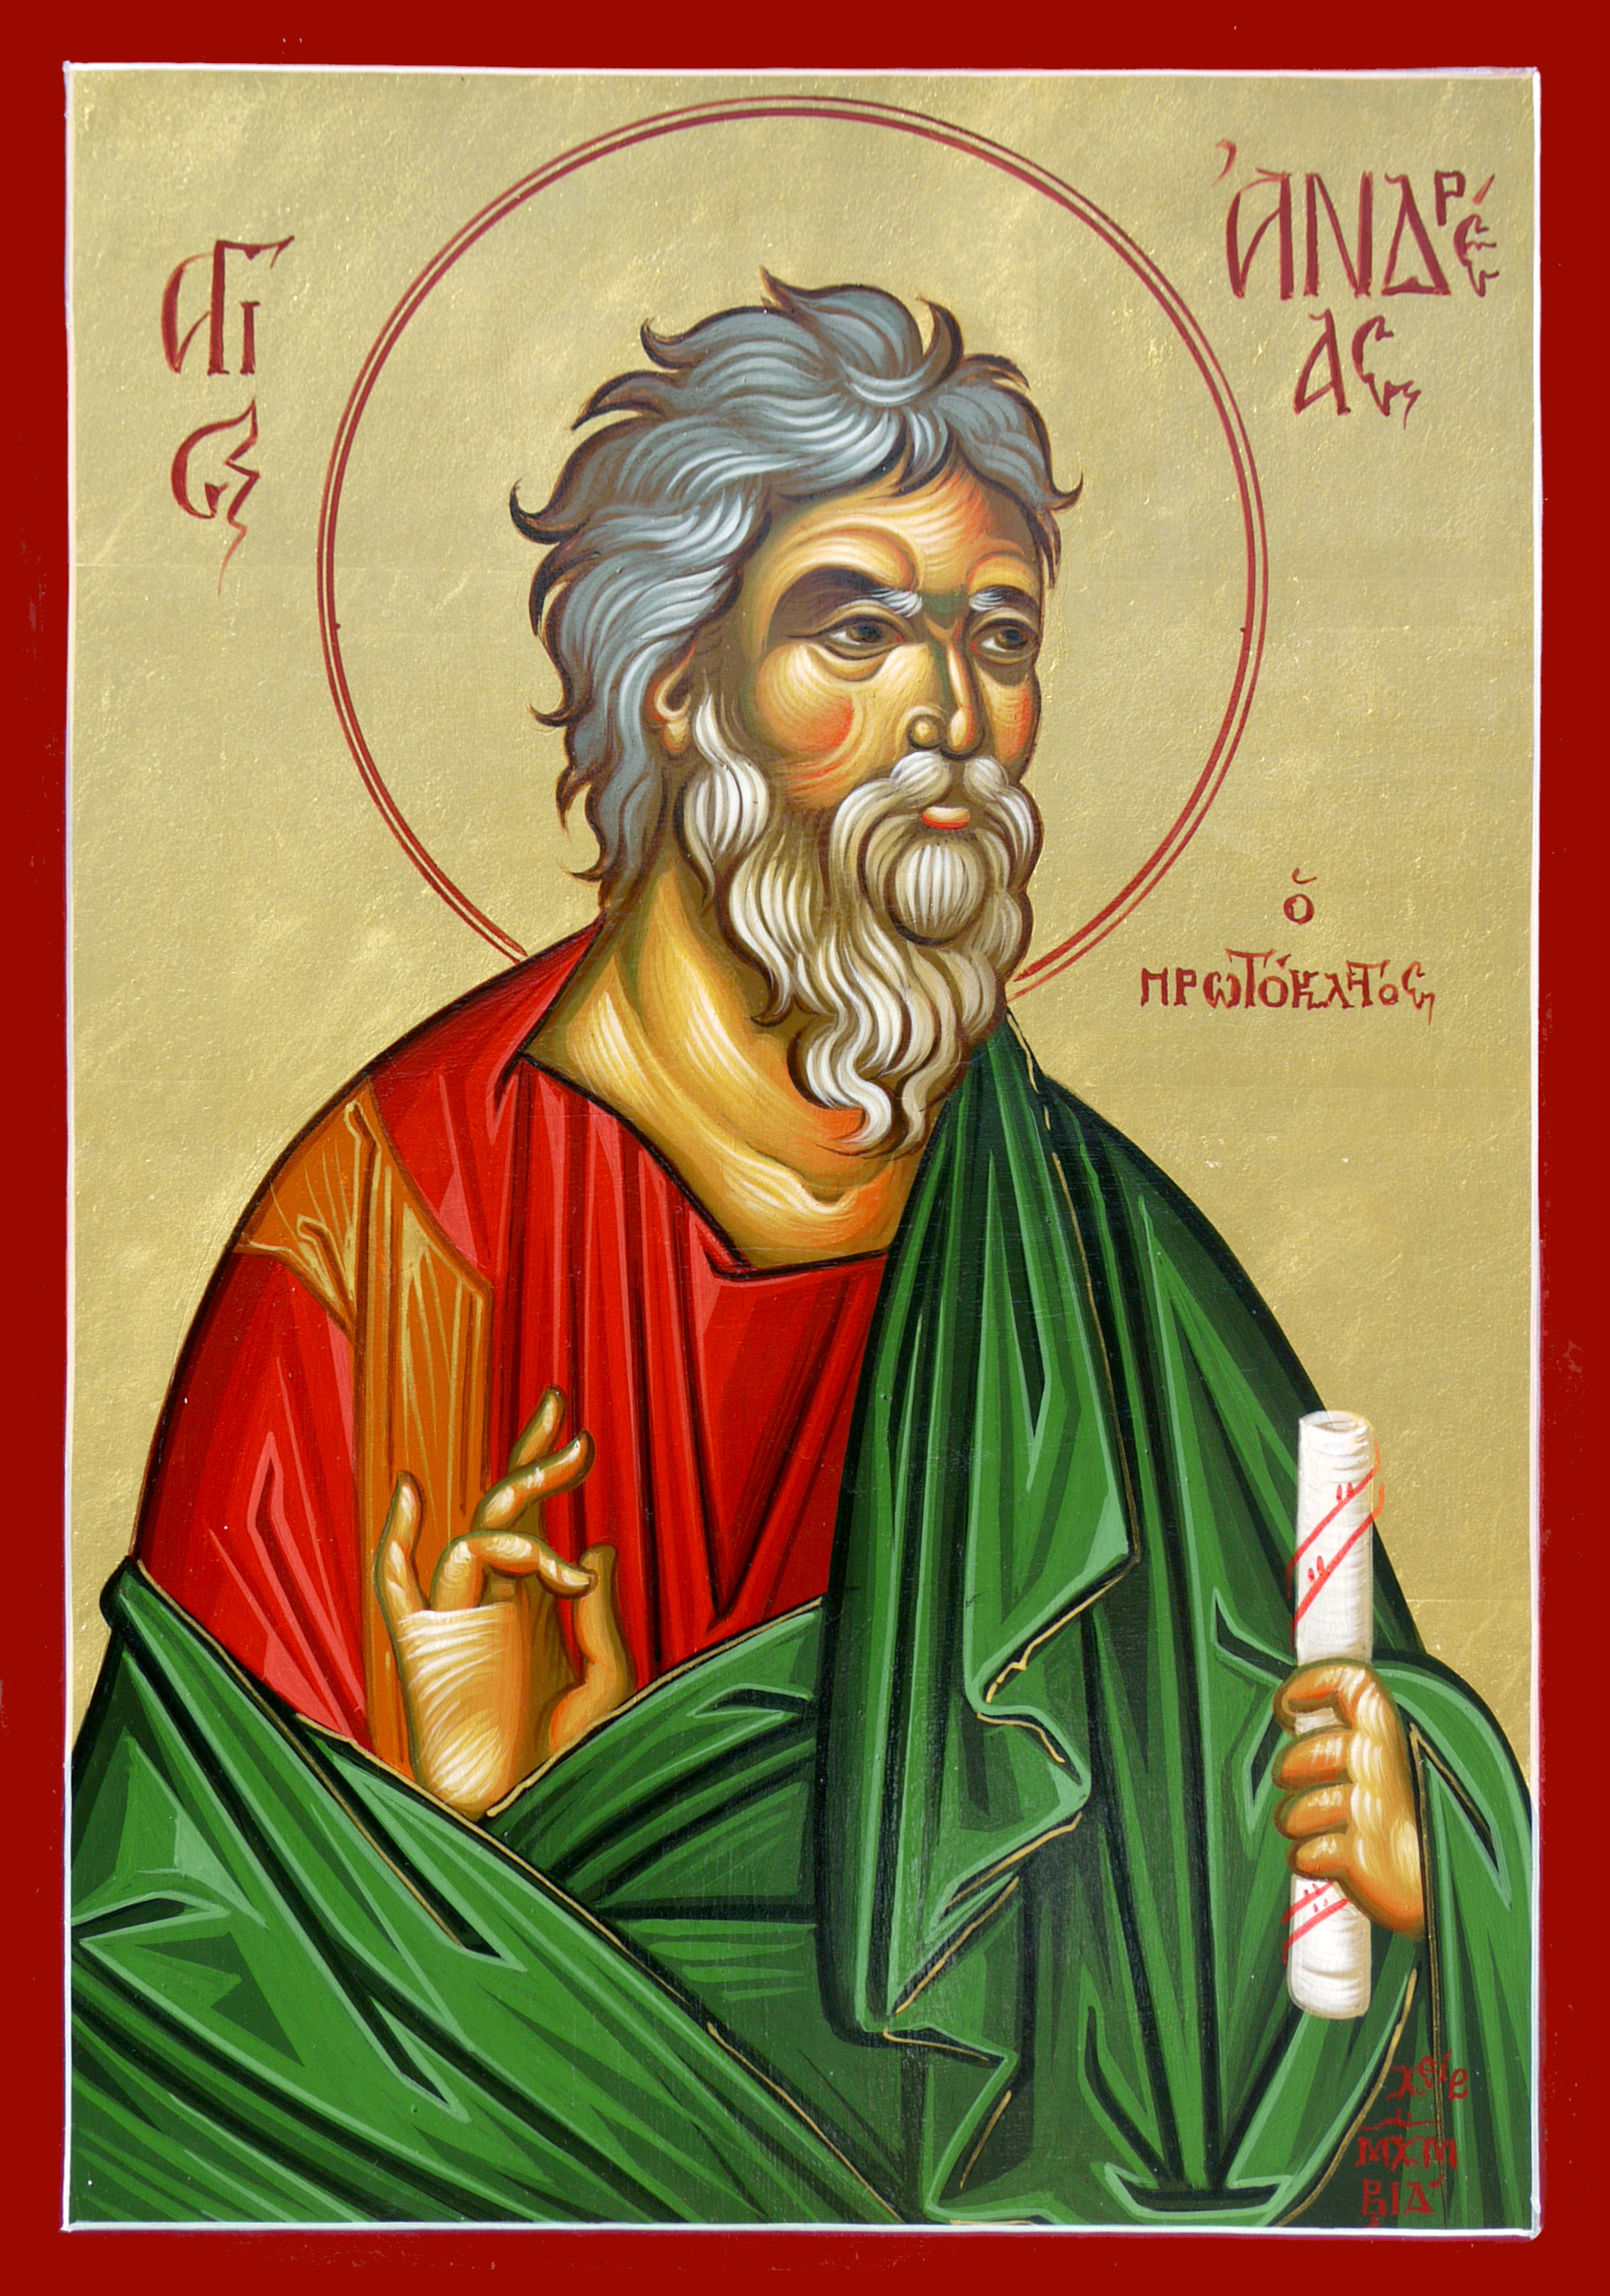 Ο Άγιος Απόστ. Ανδρέας ο Πρωτόκλητος,Saint Andrew the Αpostle,Санкт Андрея Апостола